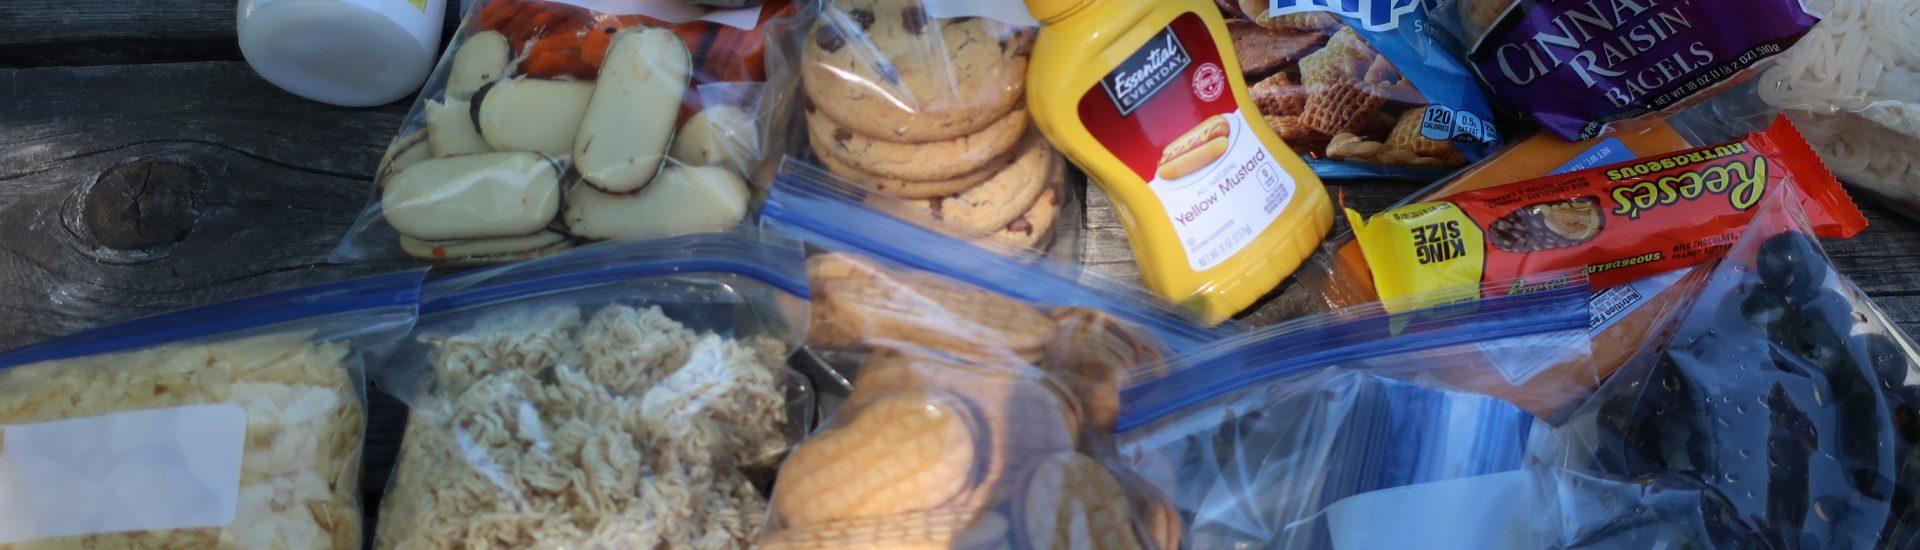 Přebalování potravin do ziplocků